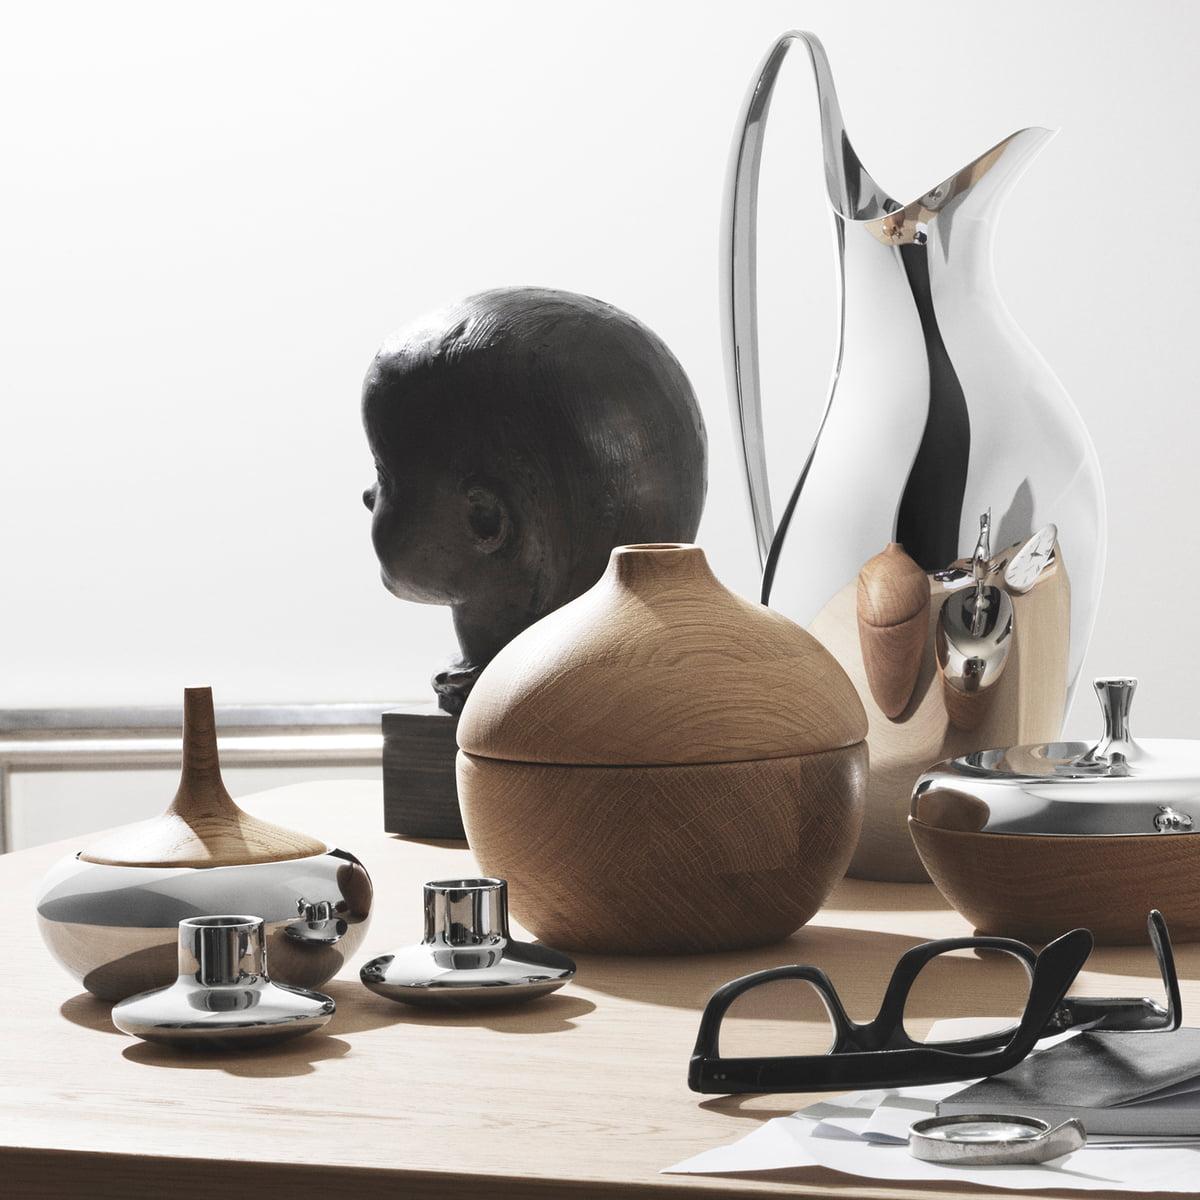 henning koppel bonbonniere von georg jensen. Black Bedroom Furniture Sets. Home Design Ideas